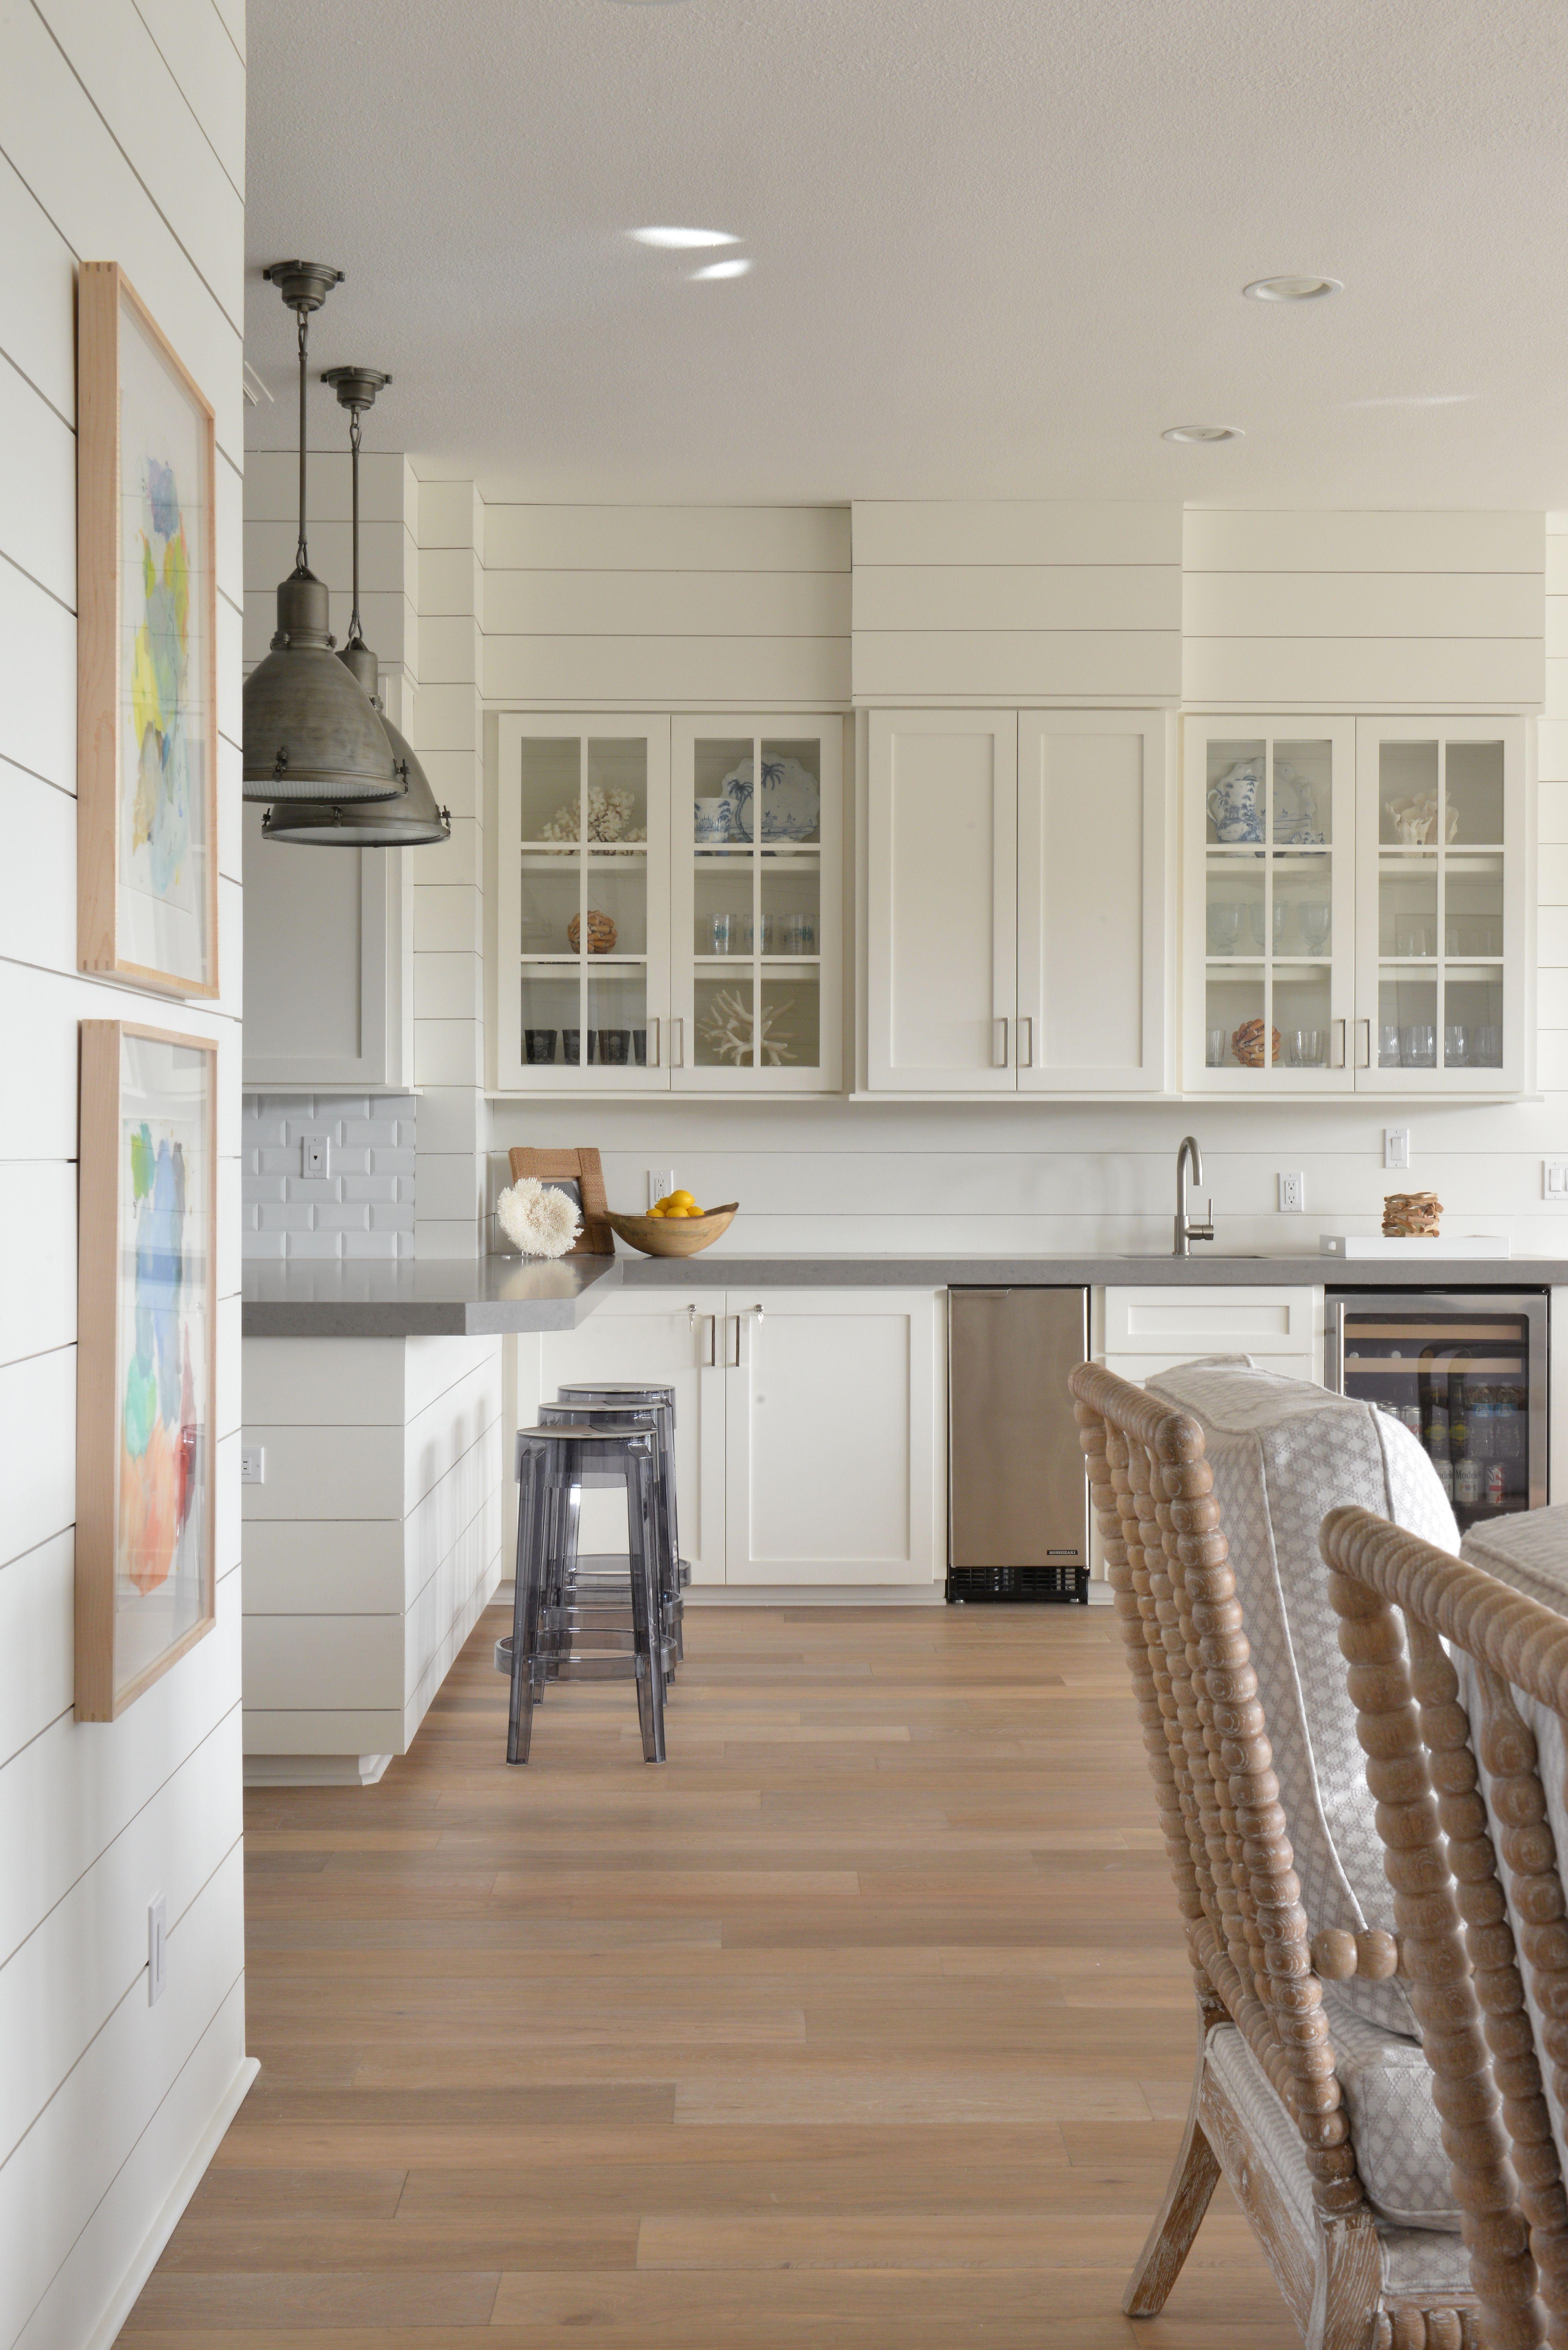 Light Amp Bright White Kitchen With Farmhouse Touches